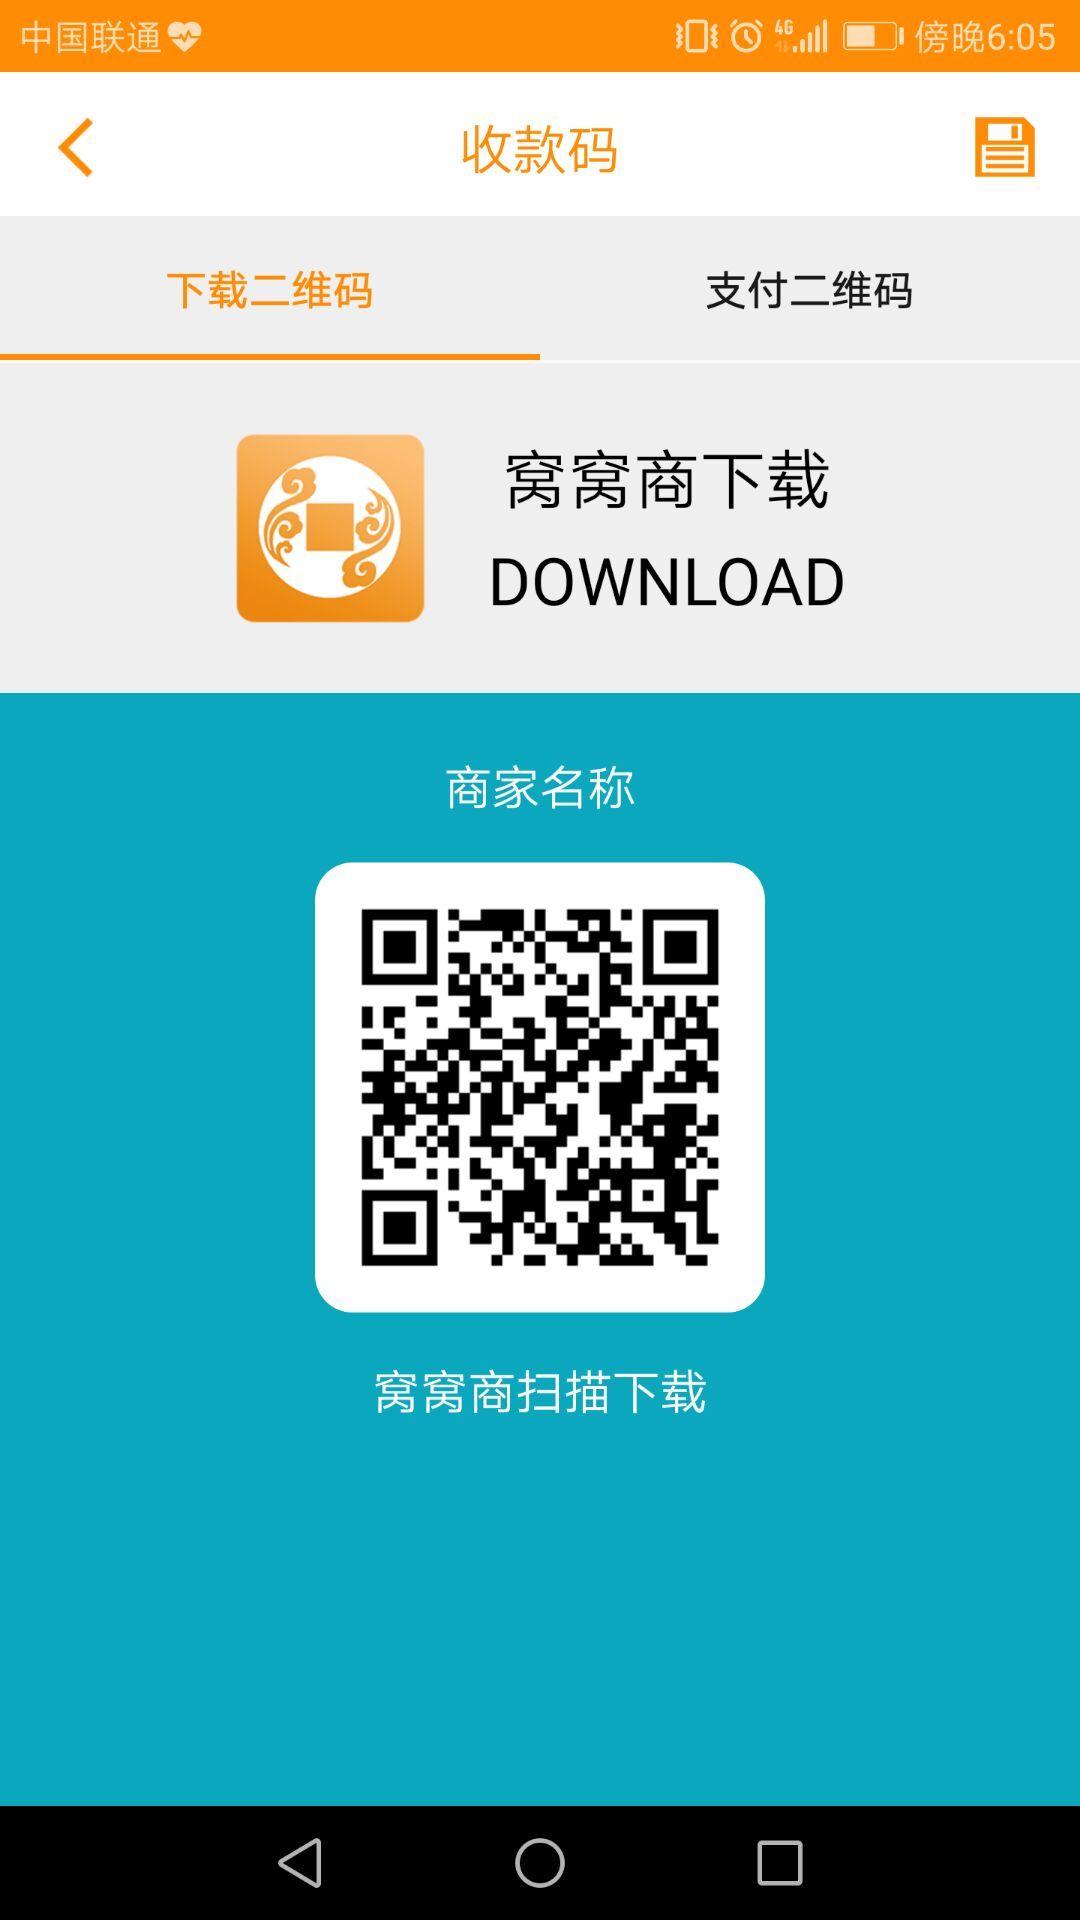 窝窝商软件官方版app下载图4: